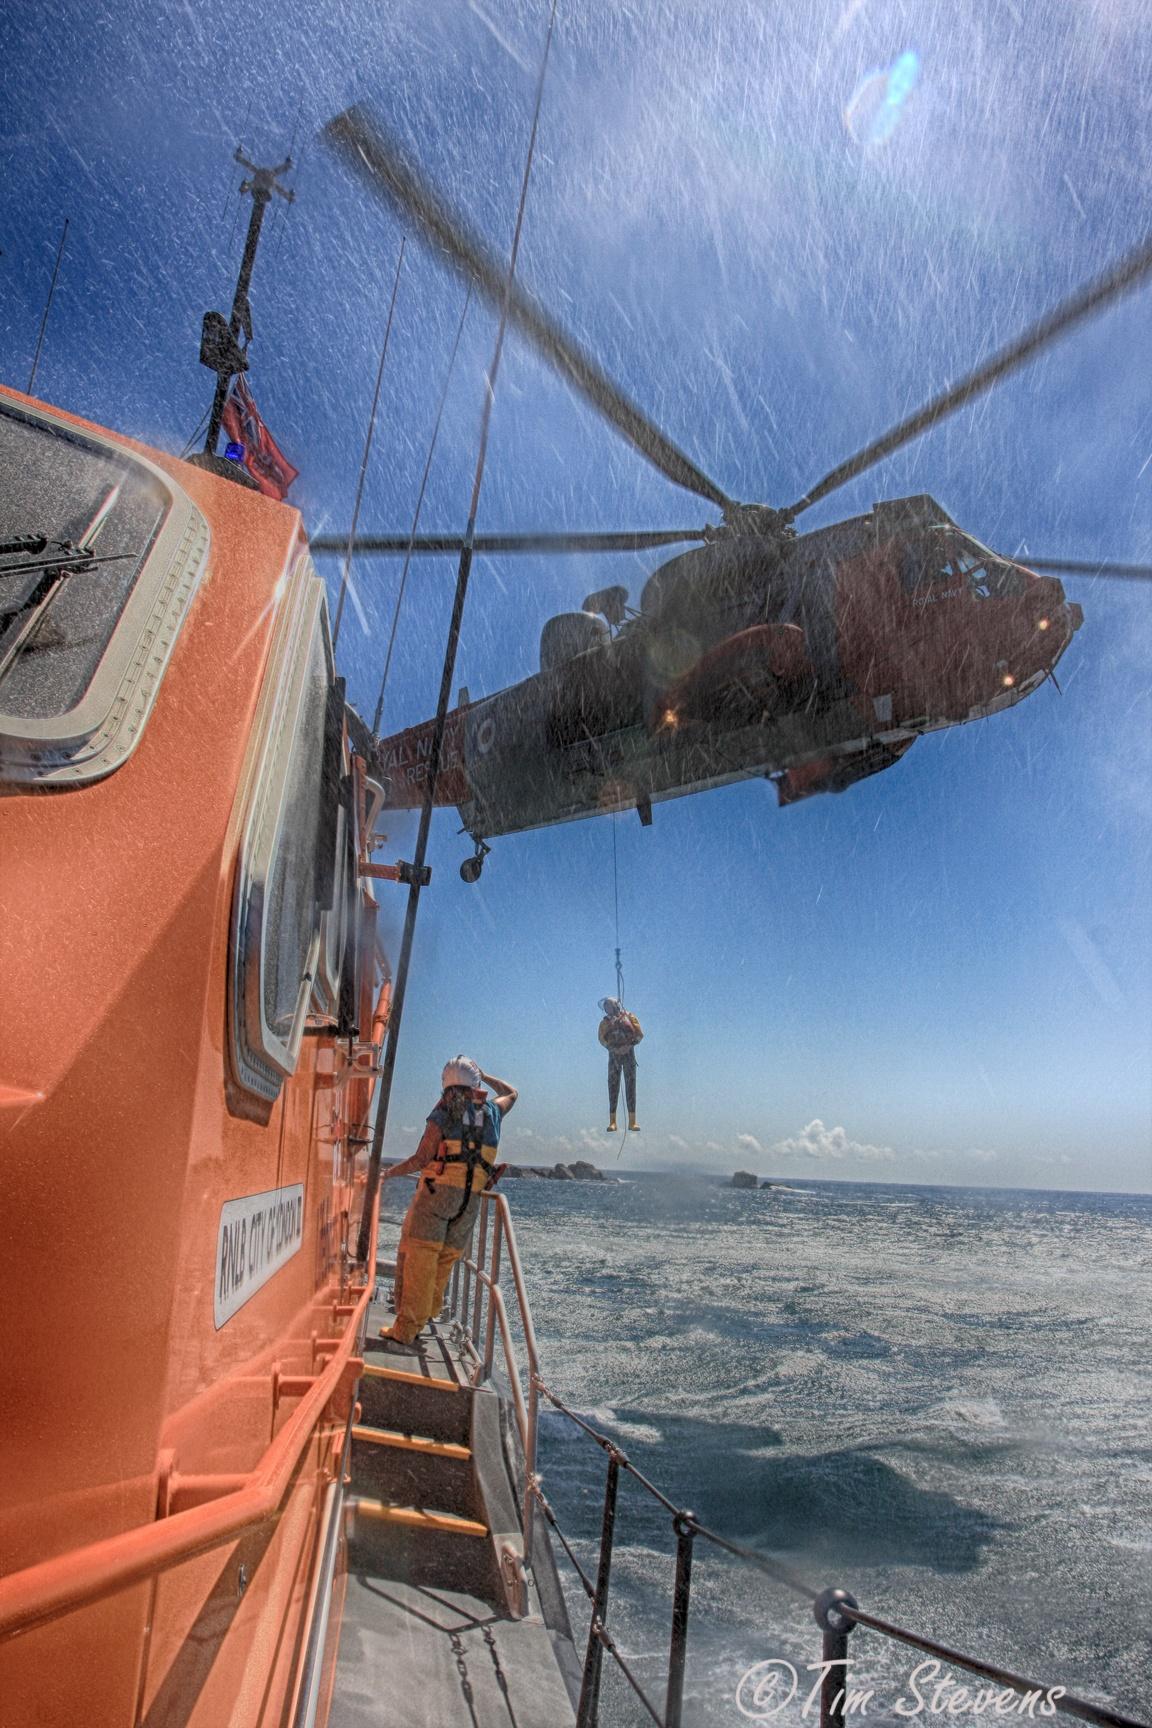 Air Sea Rescue by Tim Stevens